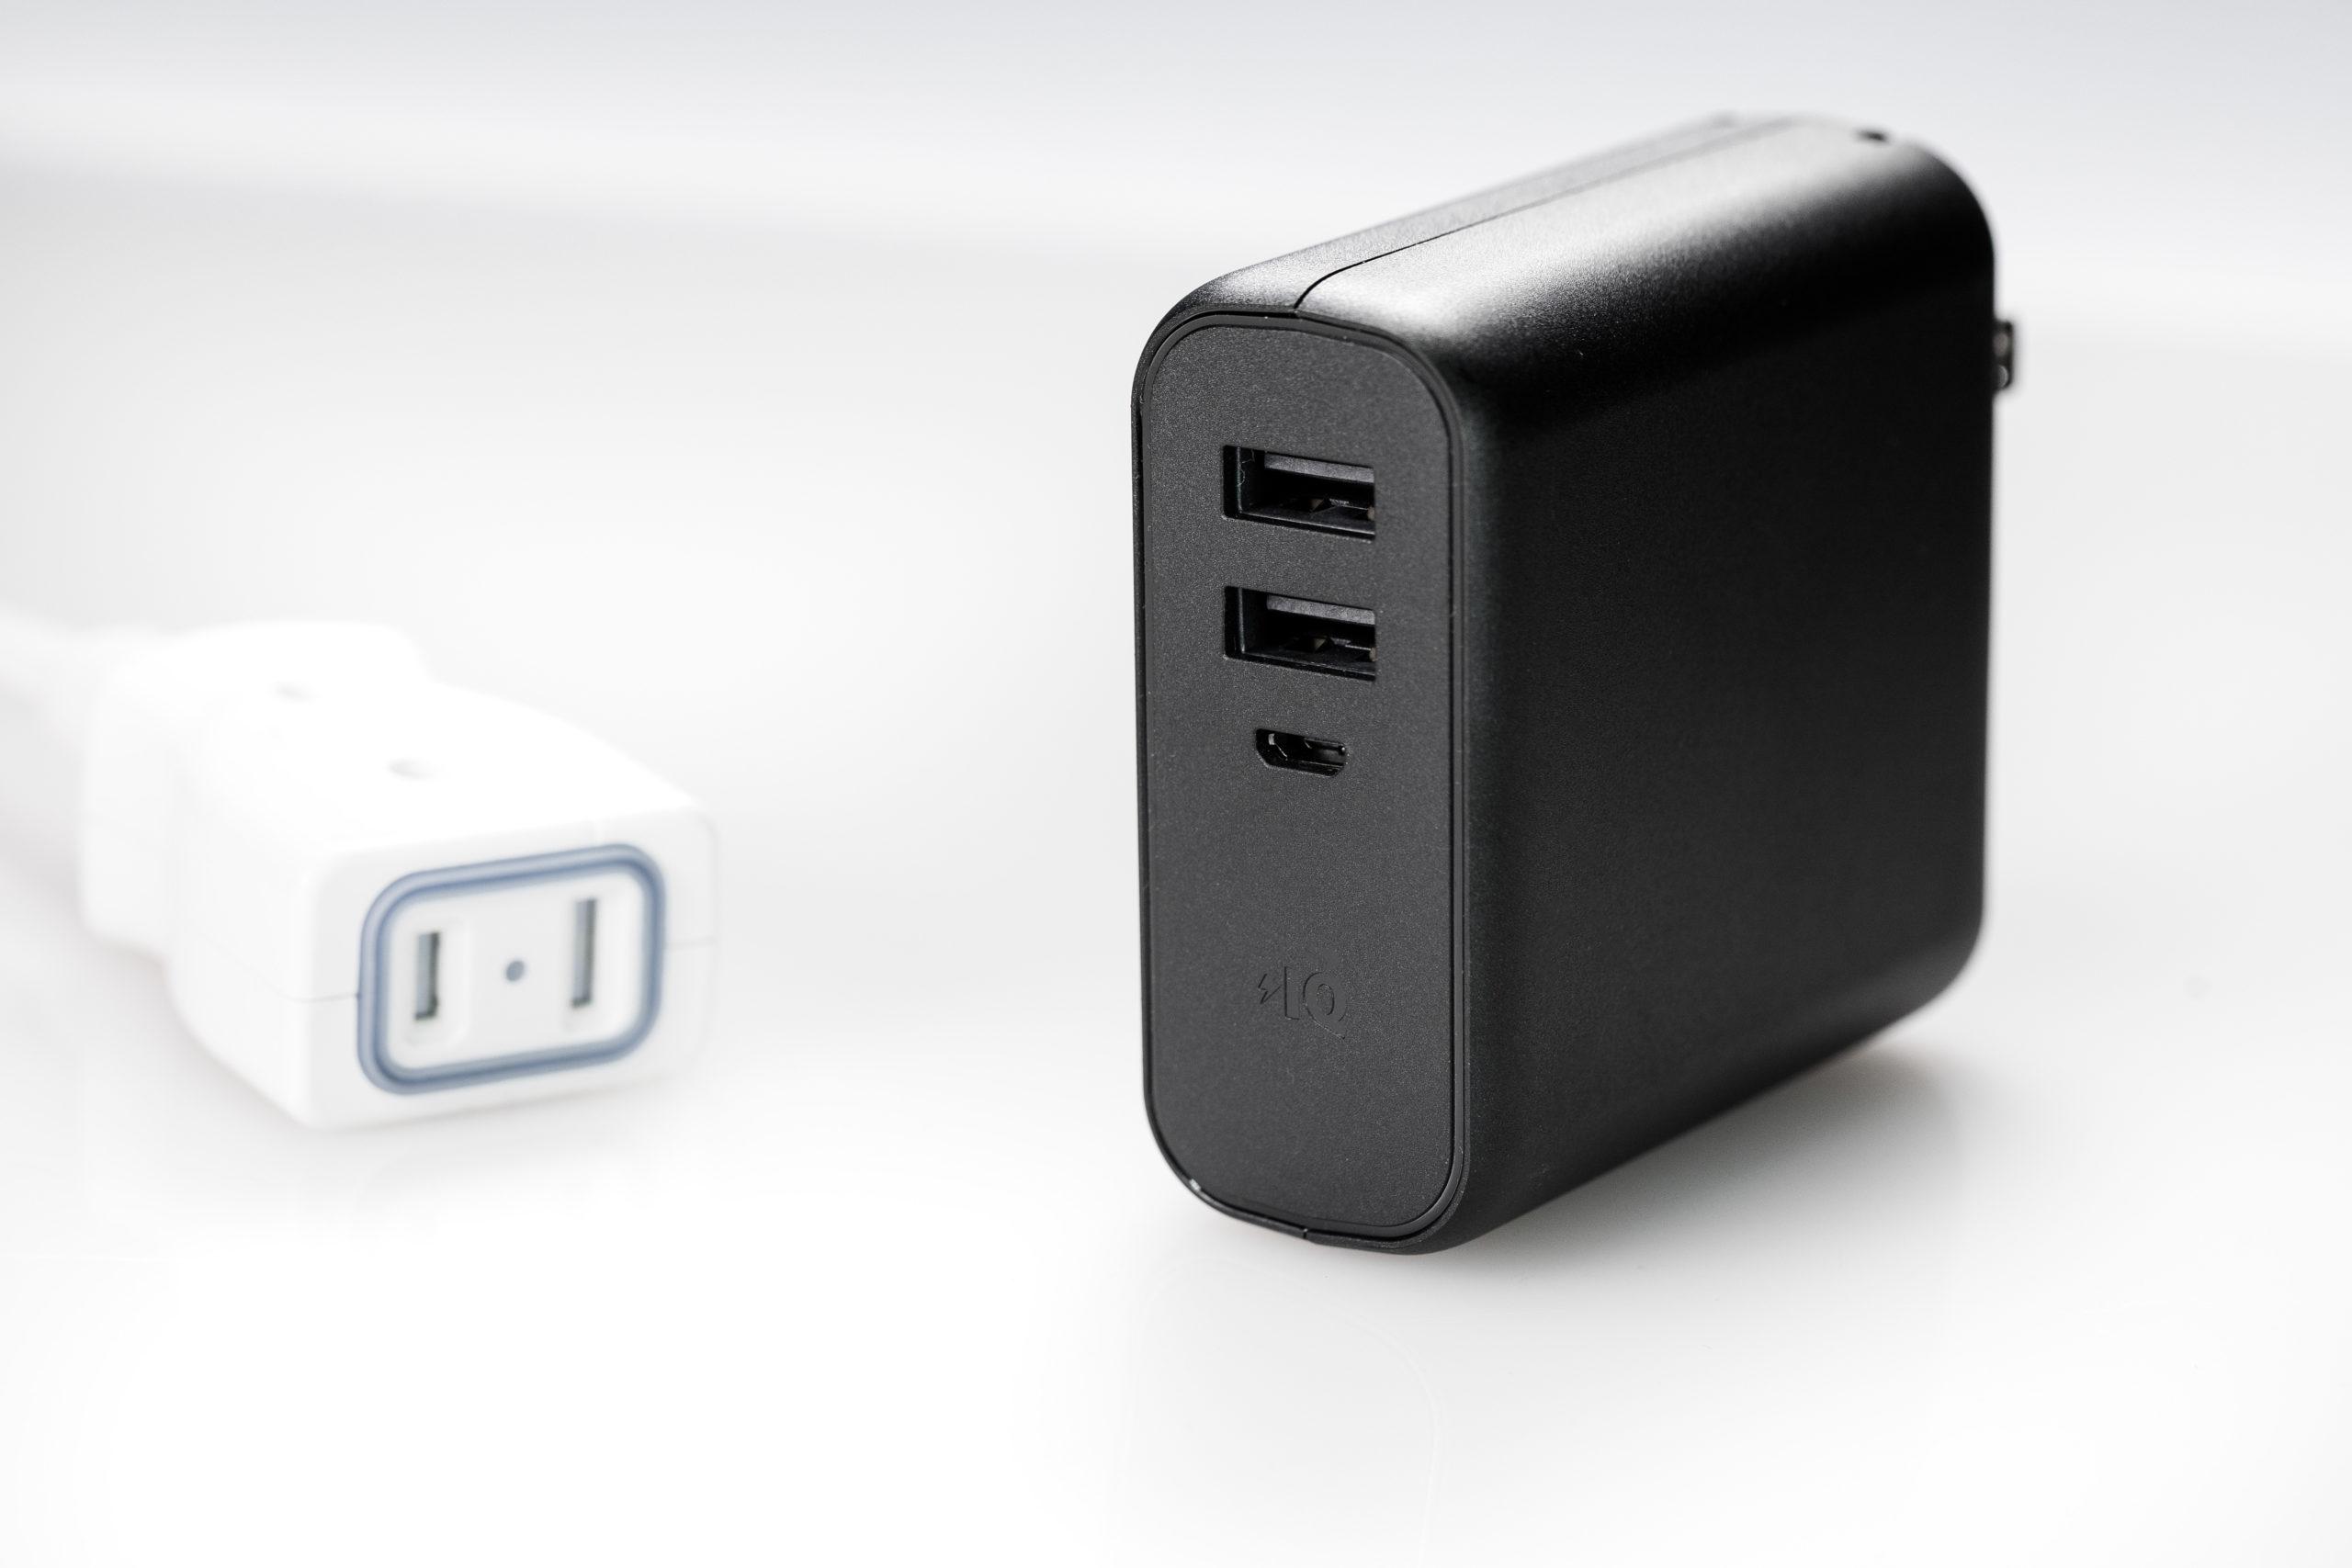 USBポートが2つあるモバイルバッテリー